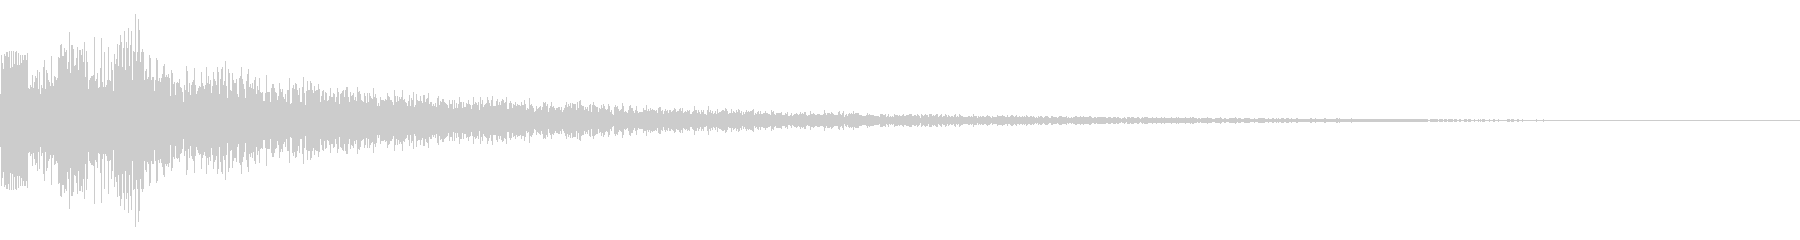 キラキラ/連鎖/コンボ/3回目の未再生の波形